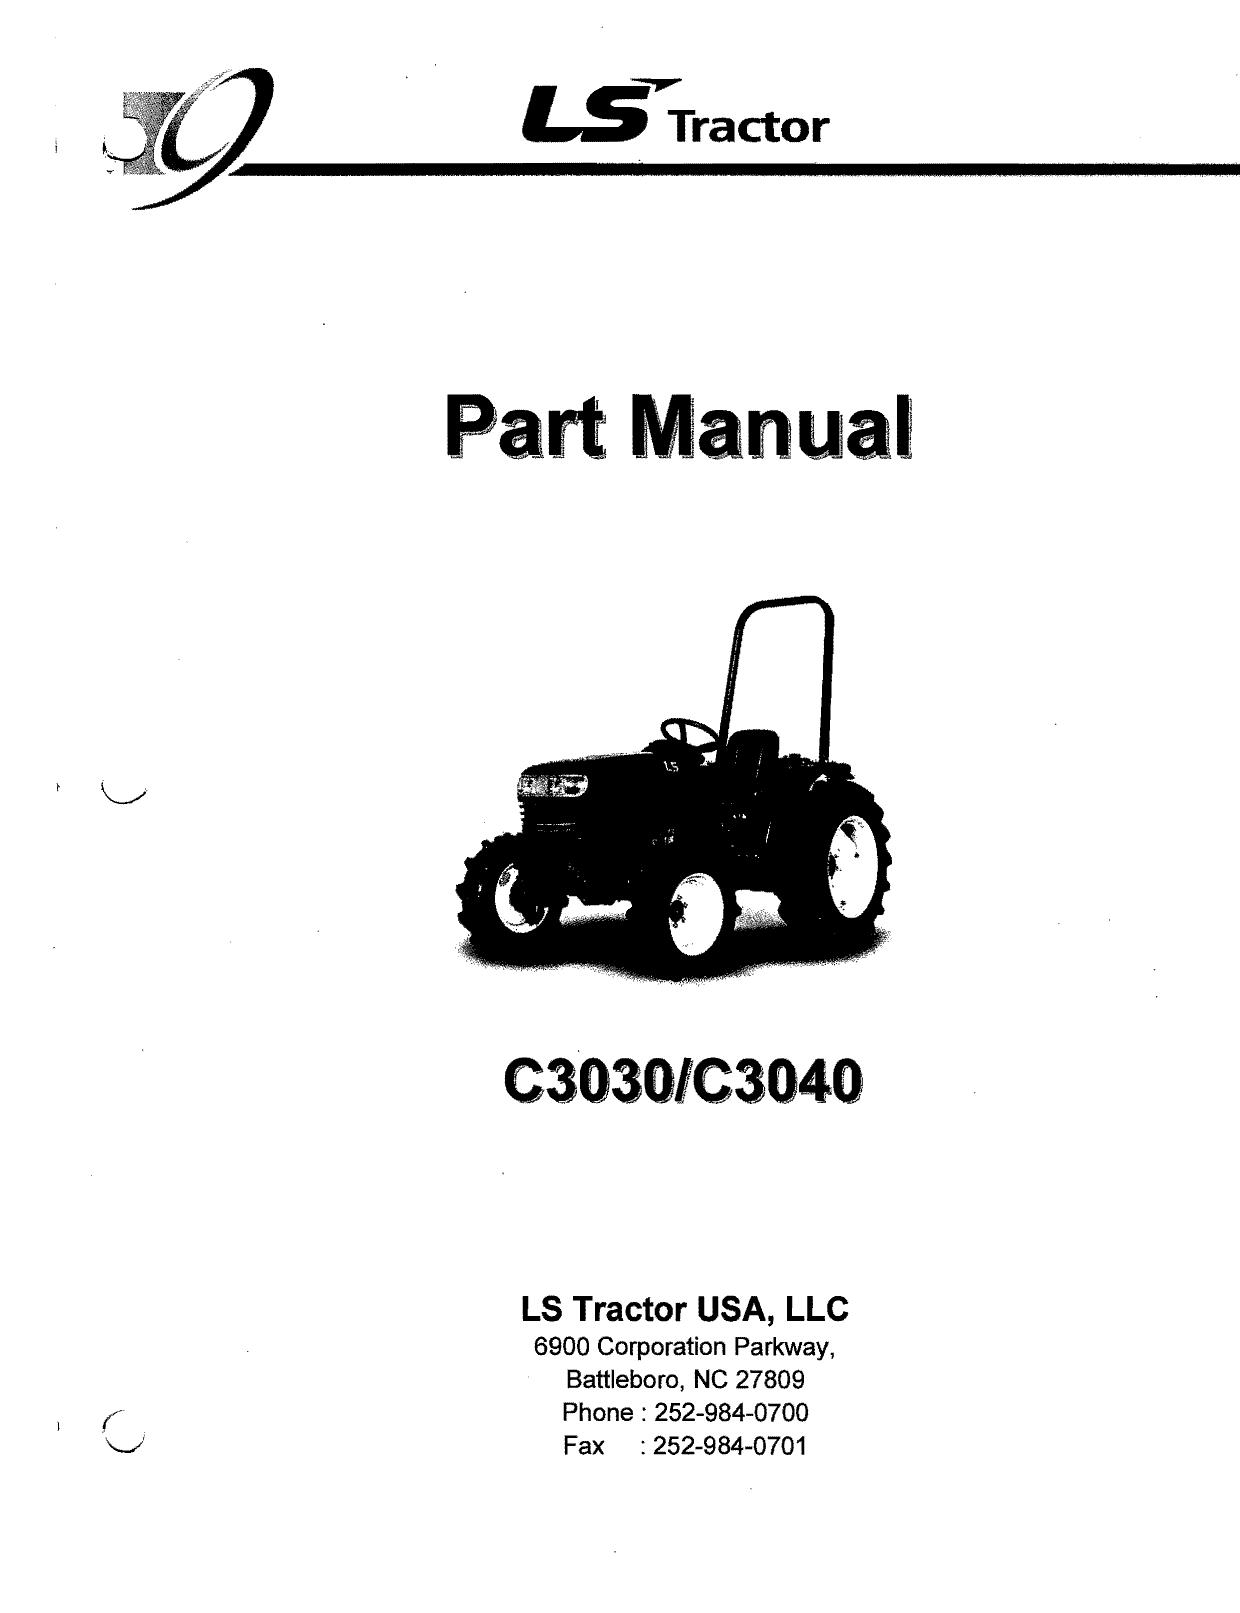 a `Manual - Parts for LS Tractors | manualzz com